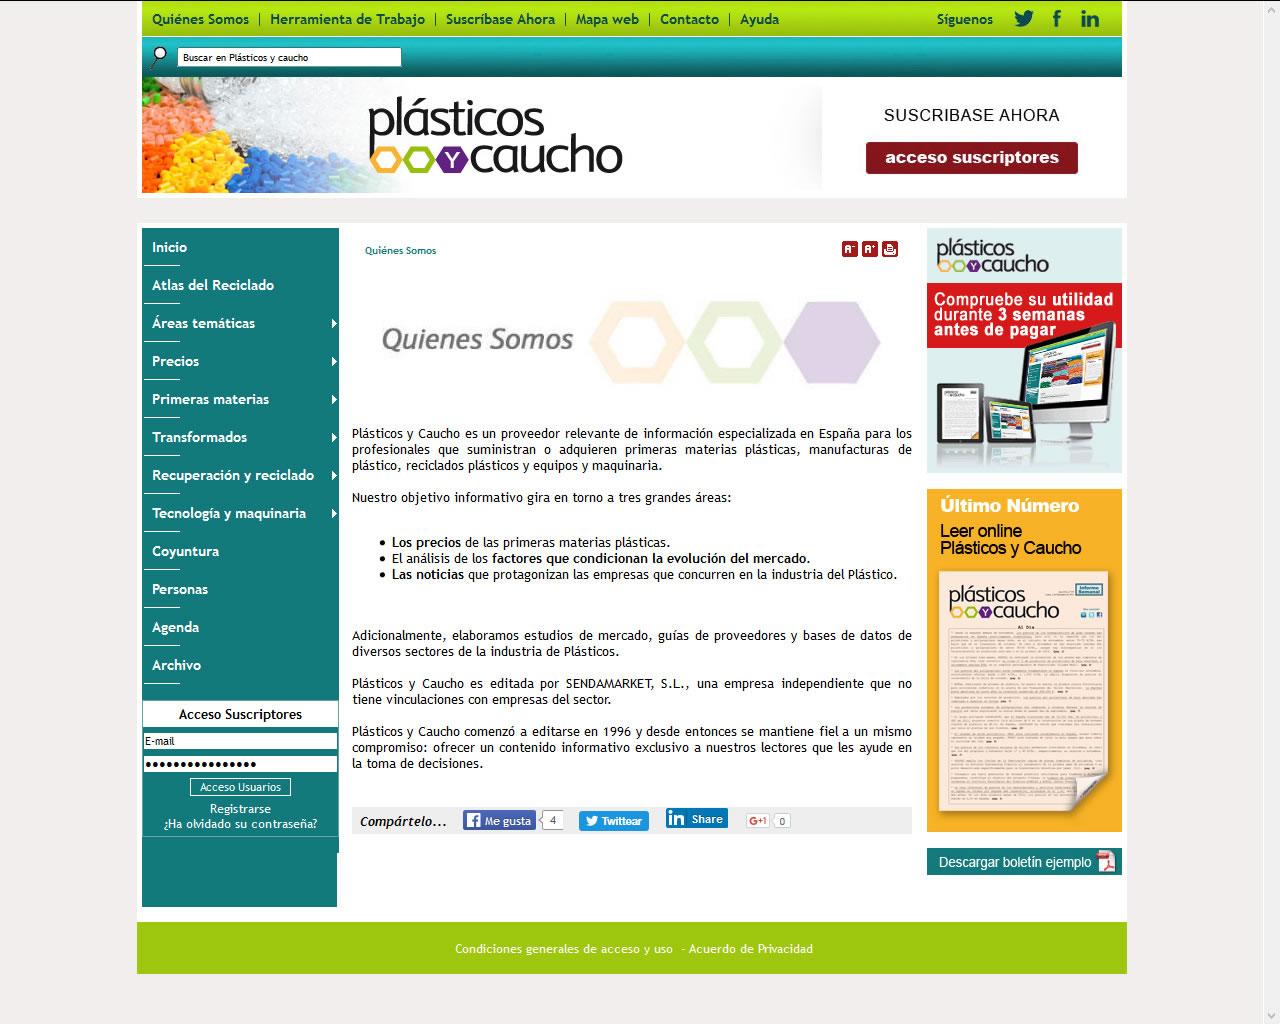 Proyectos - Plásticos y Caucho